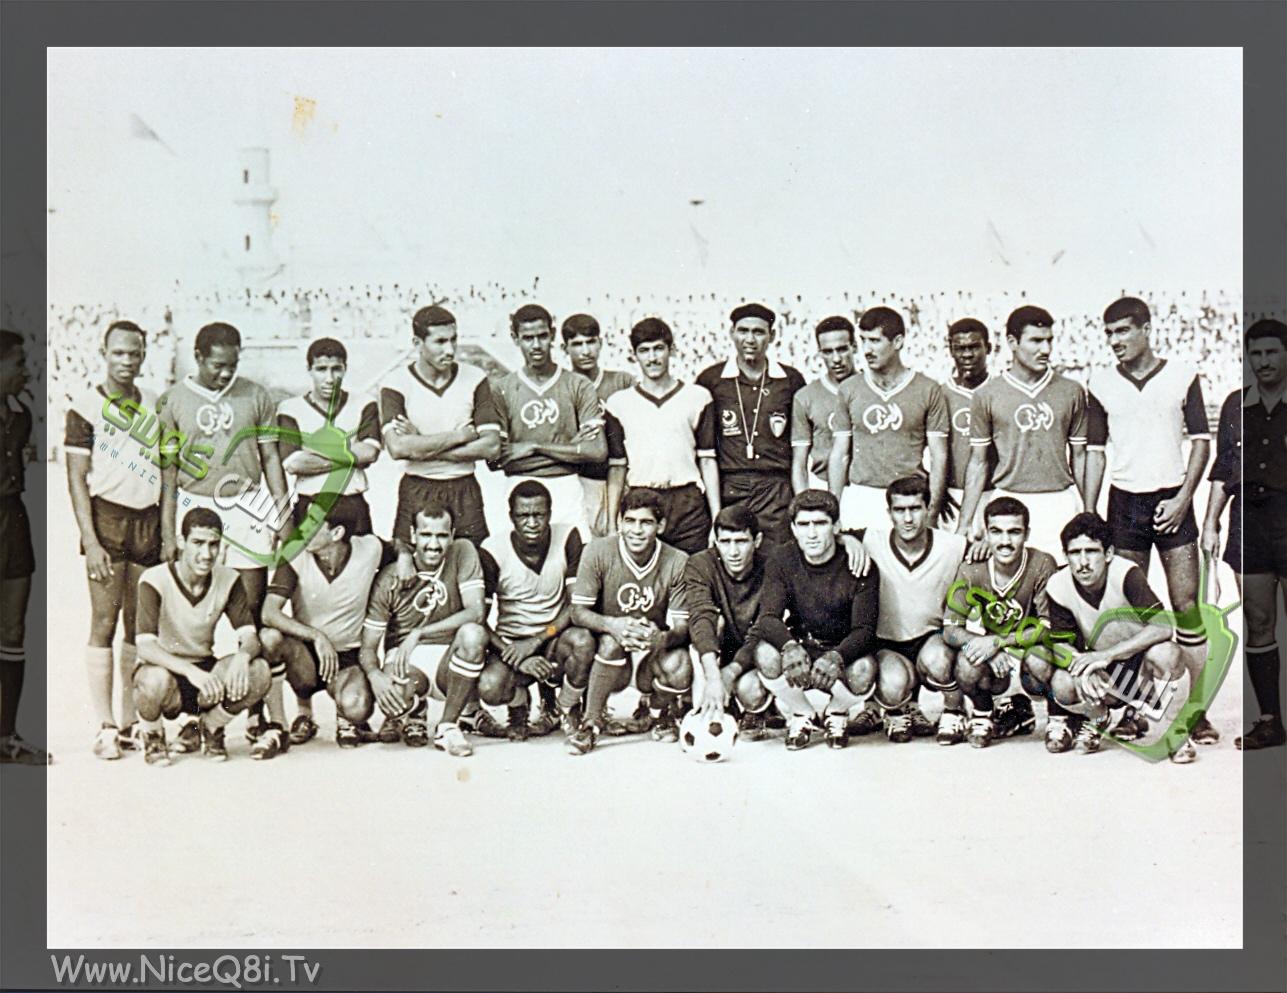 صورة جماعية للاعبي فريقي القادسية والعربي 196